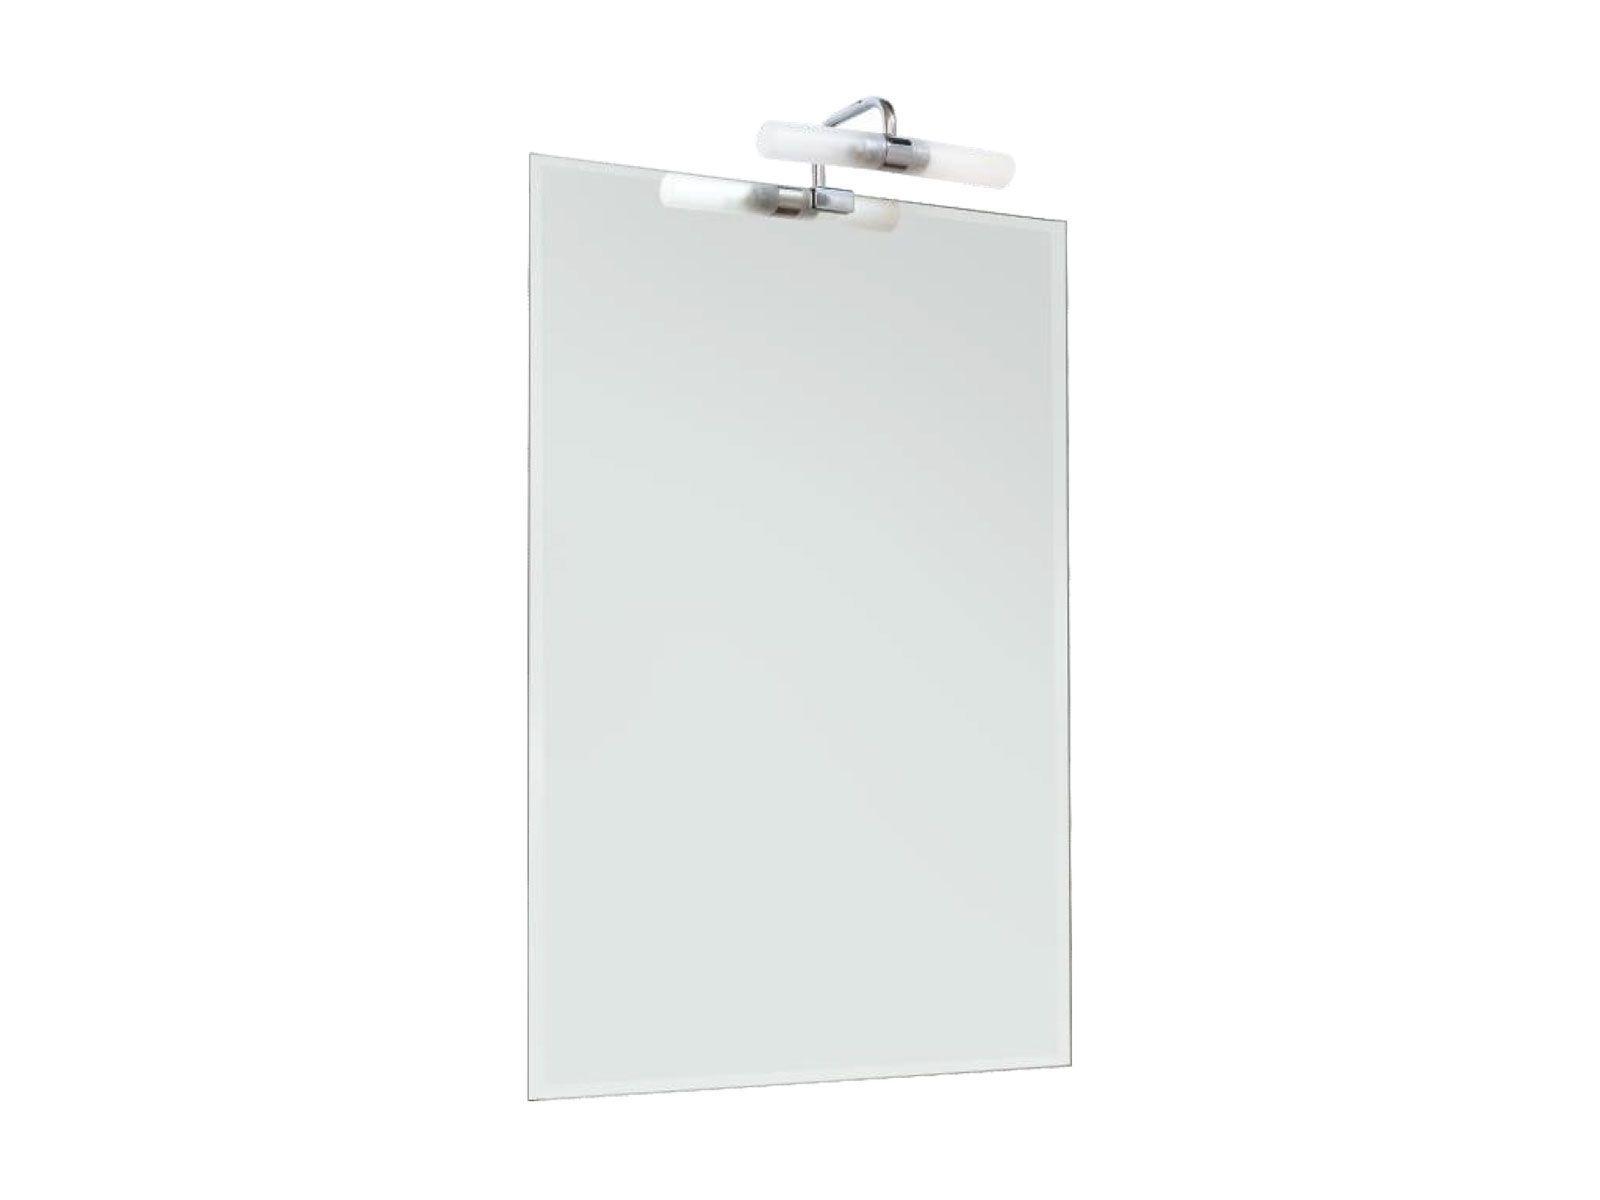 Applique ikea bagno perfect lampade bagno ikea ispiratore lampade